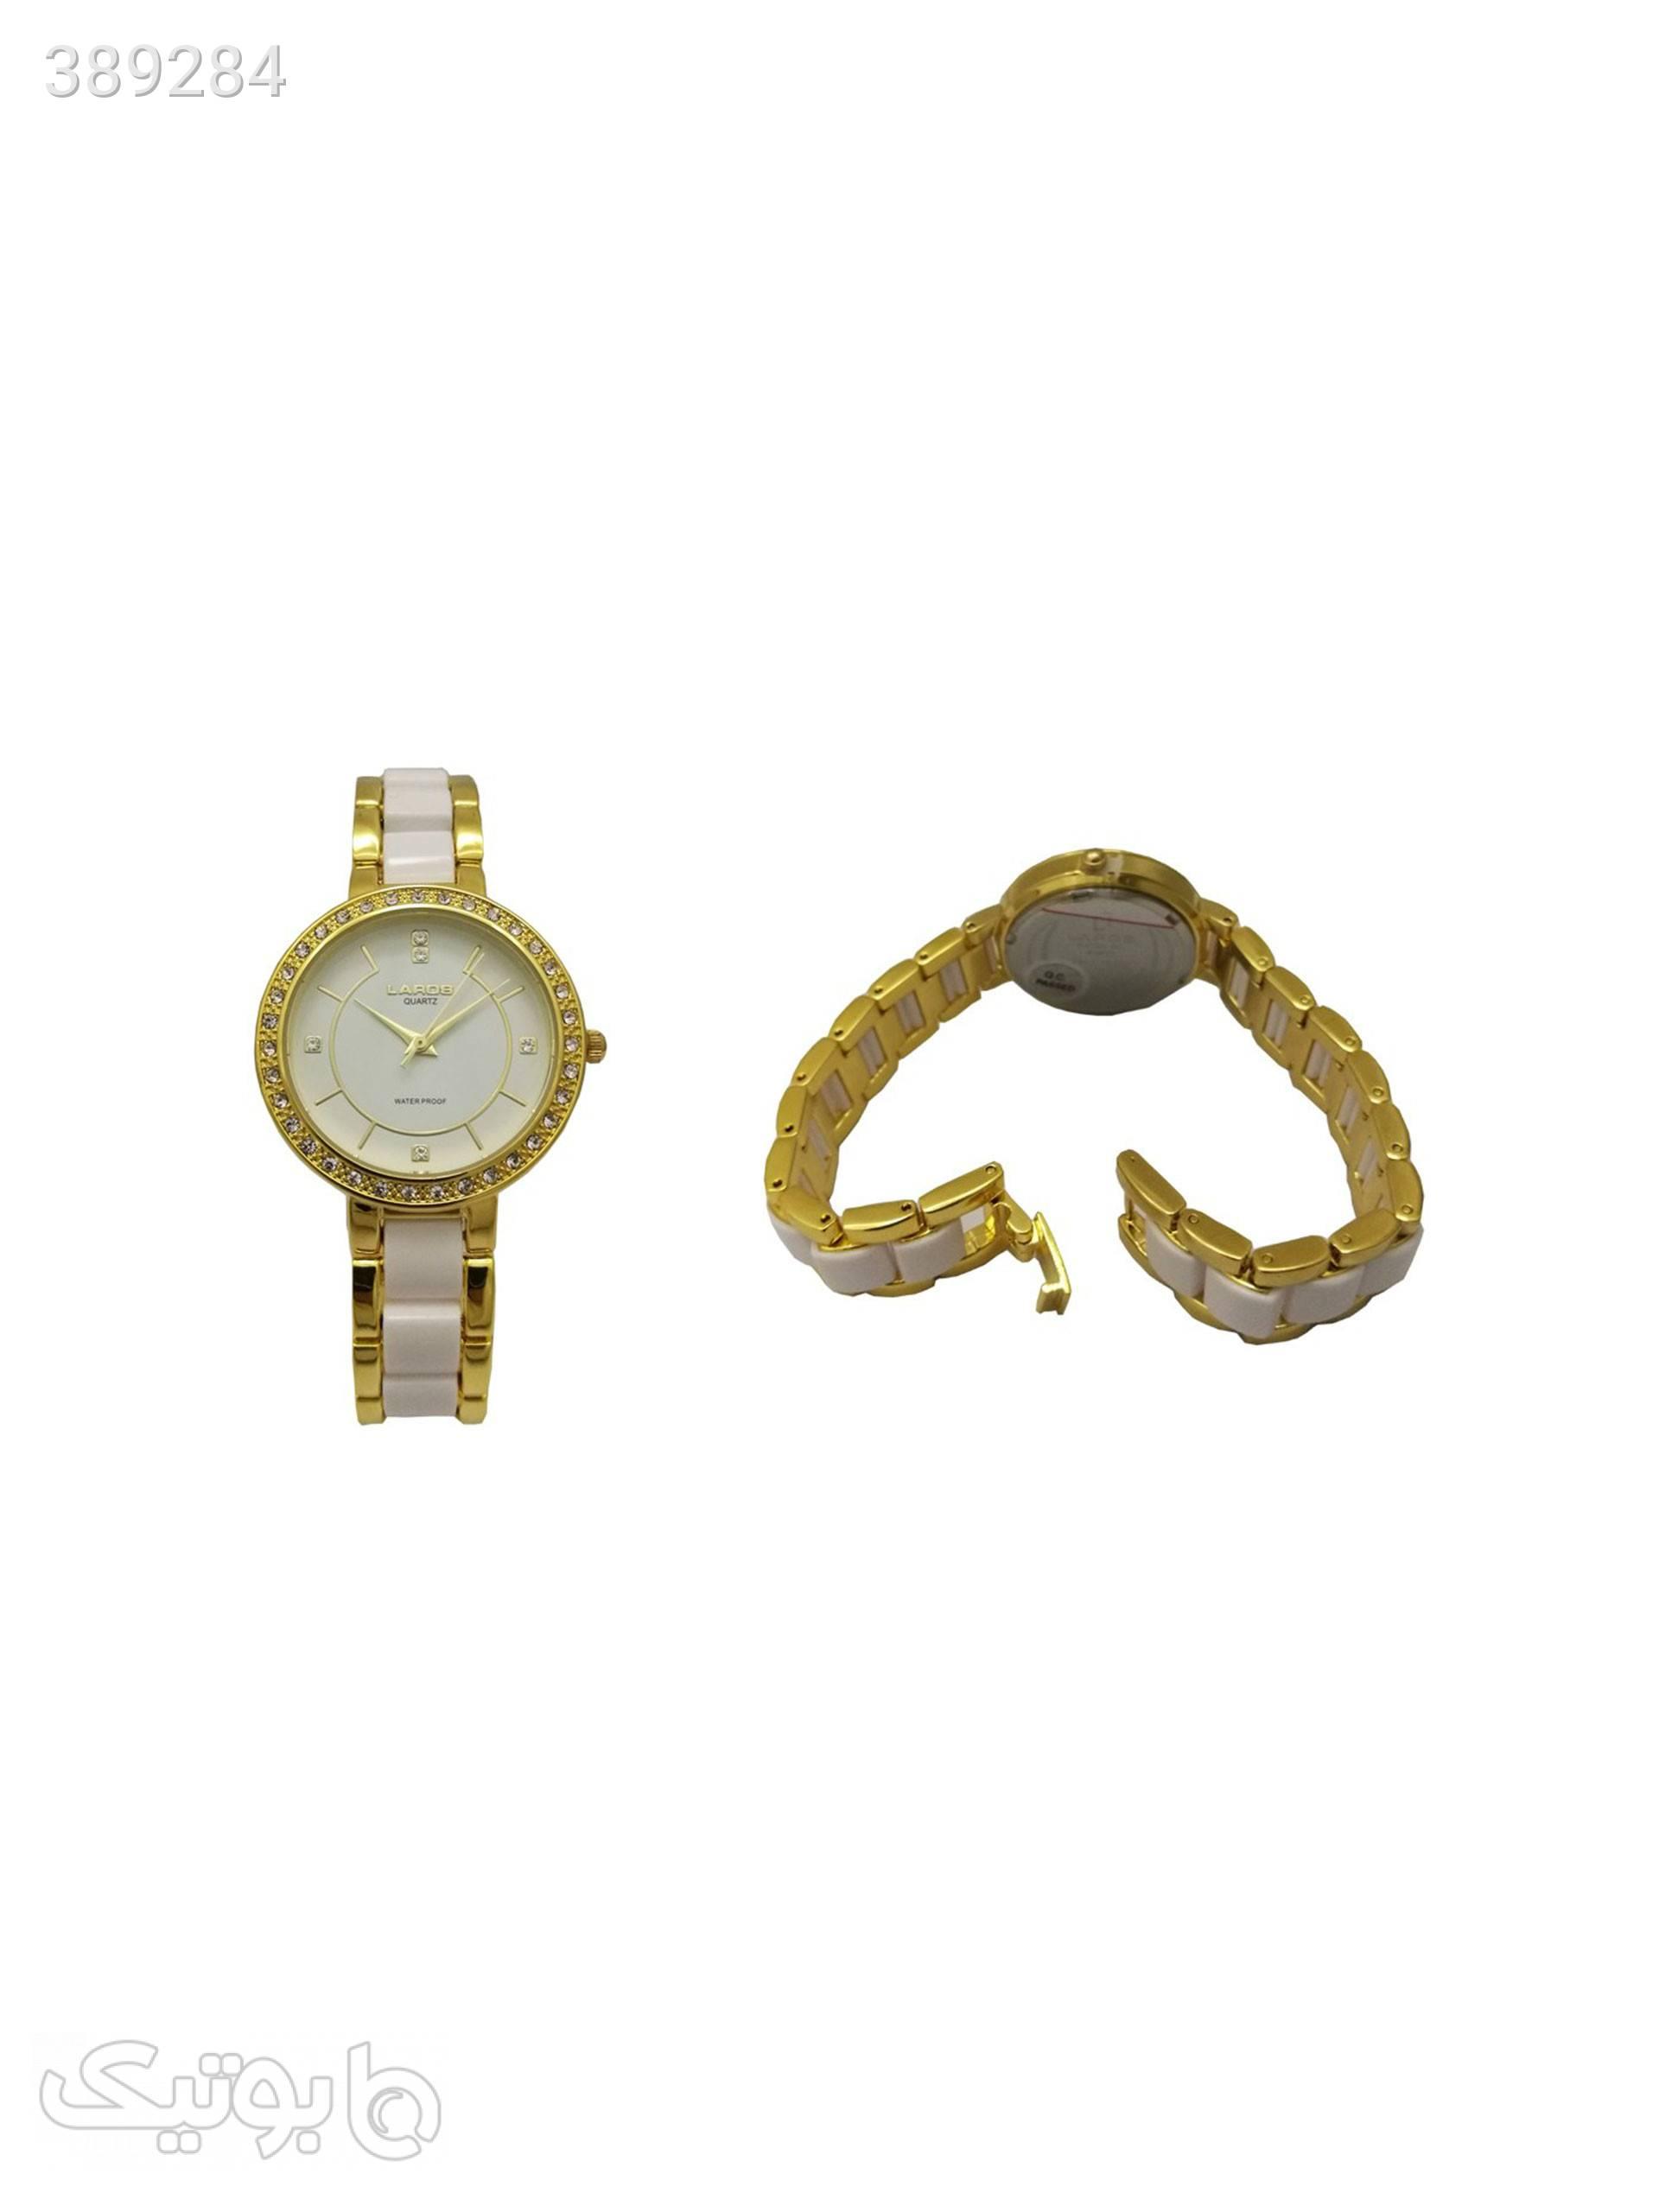 ساعت مچی عقربه ای زنانه لاروس مدل0517-79992 طلایی ساعت